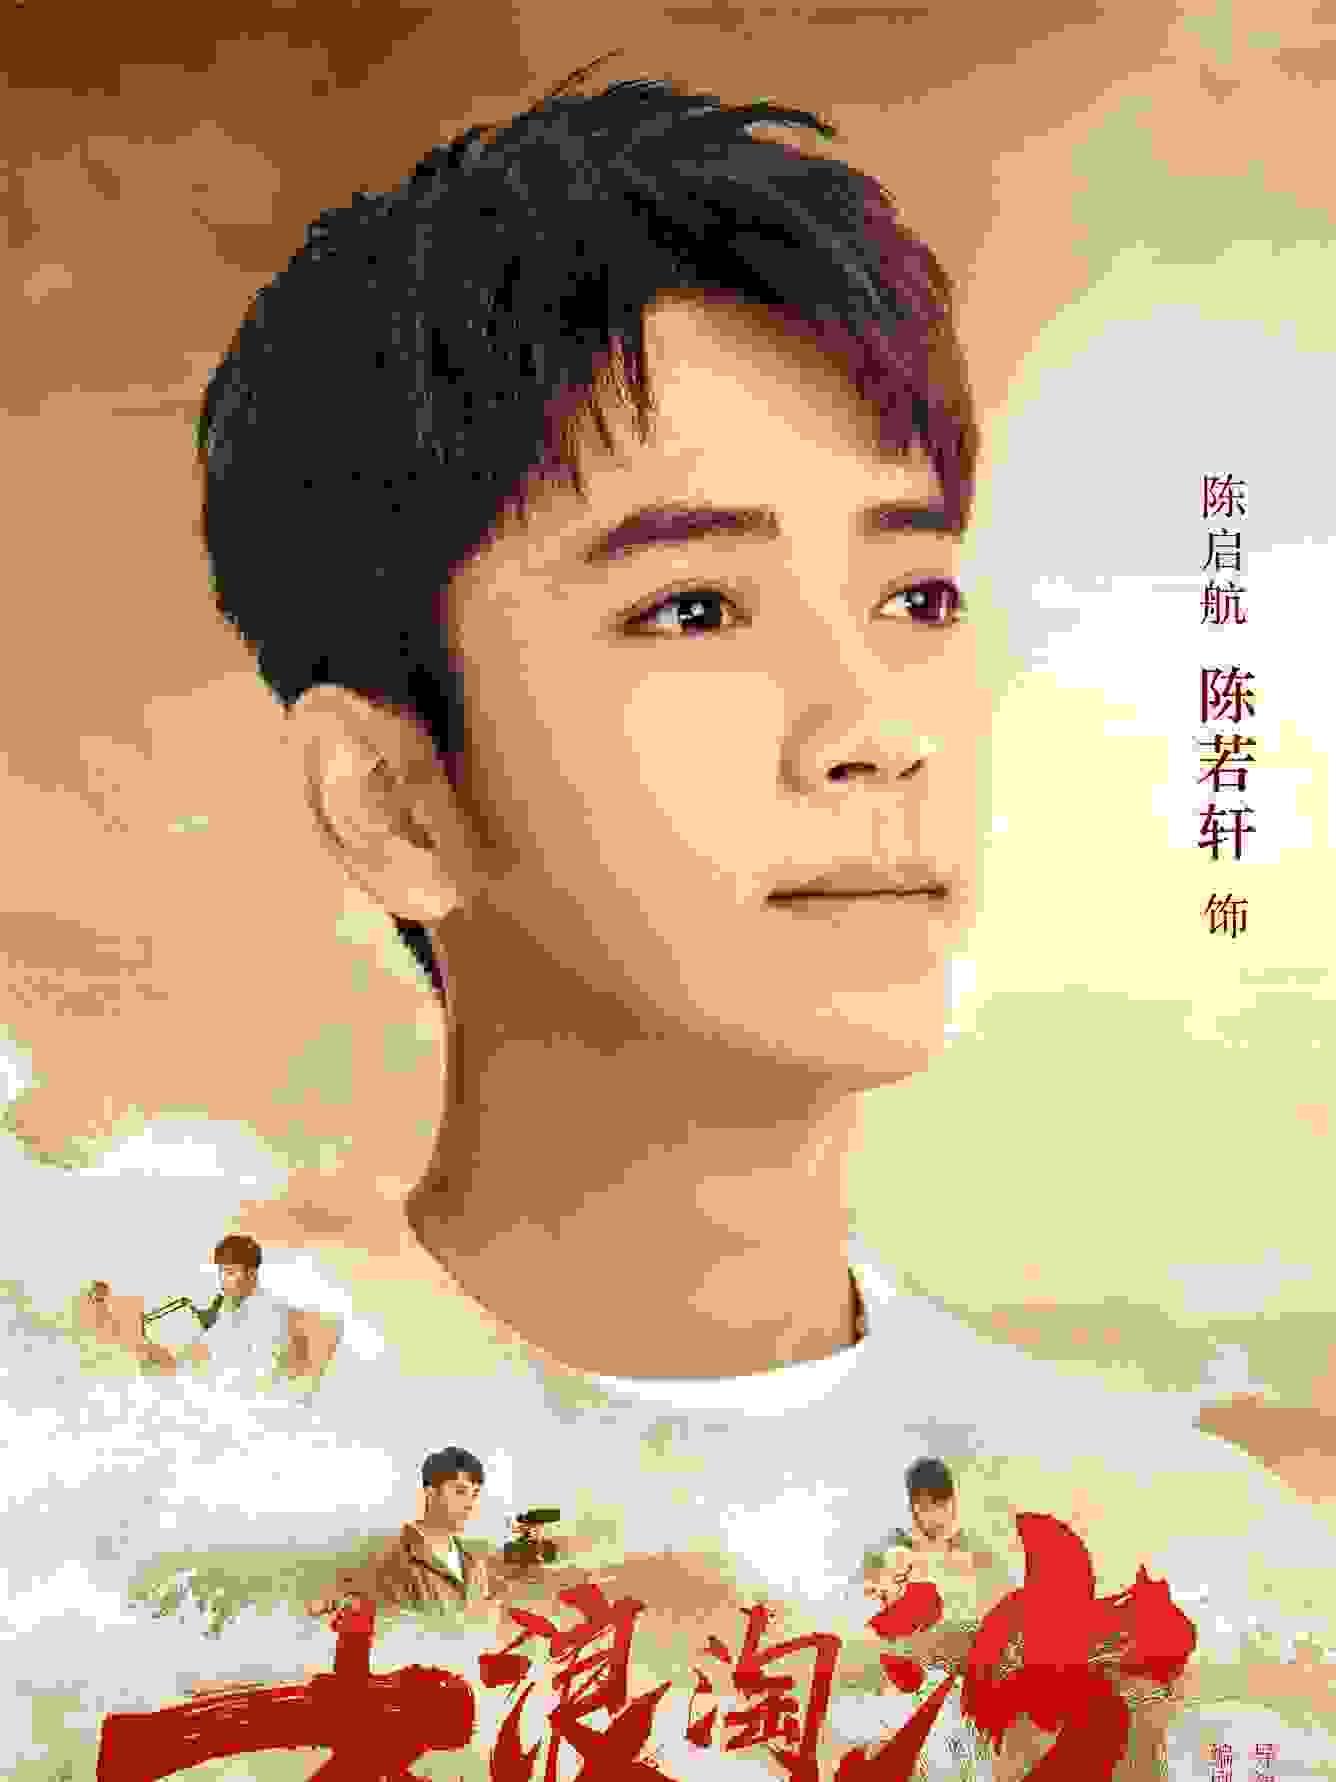 大浪淘沙(2021年嘉娜·沙哈提执导的电视剧)演员陈若轩